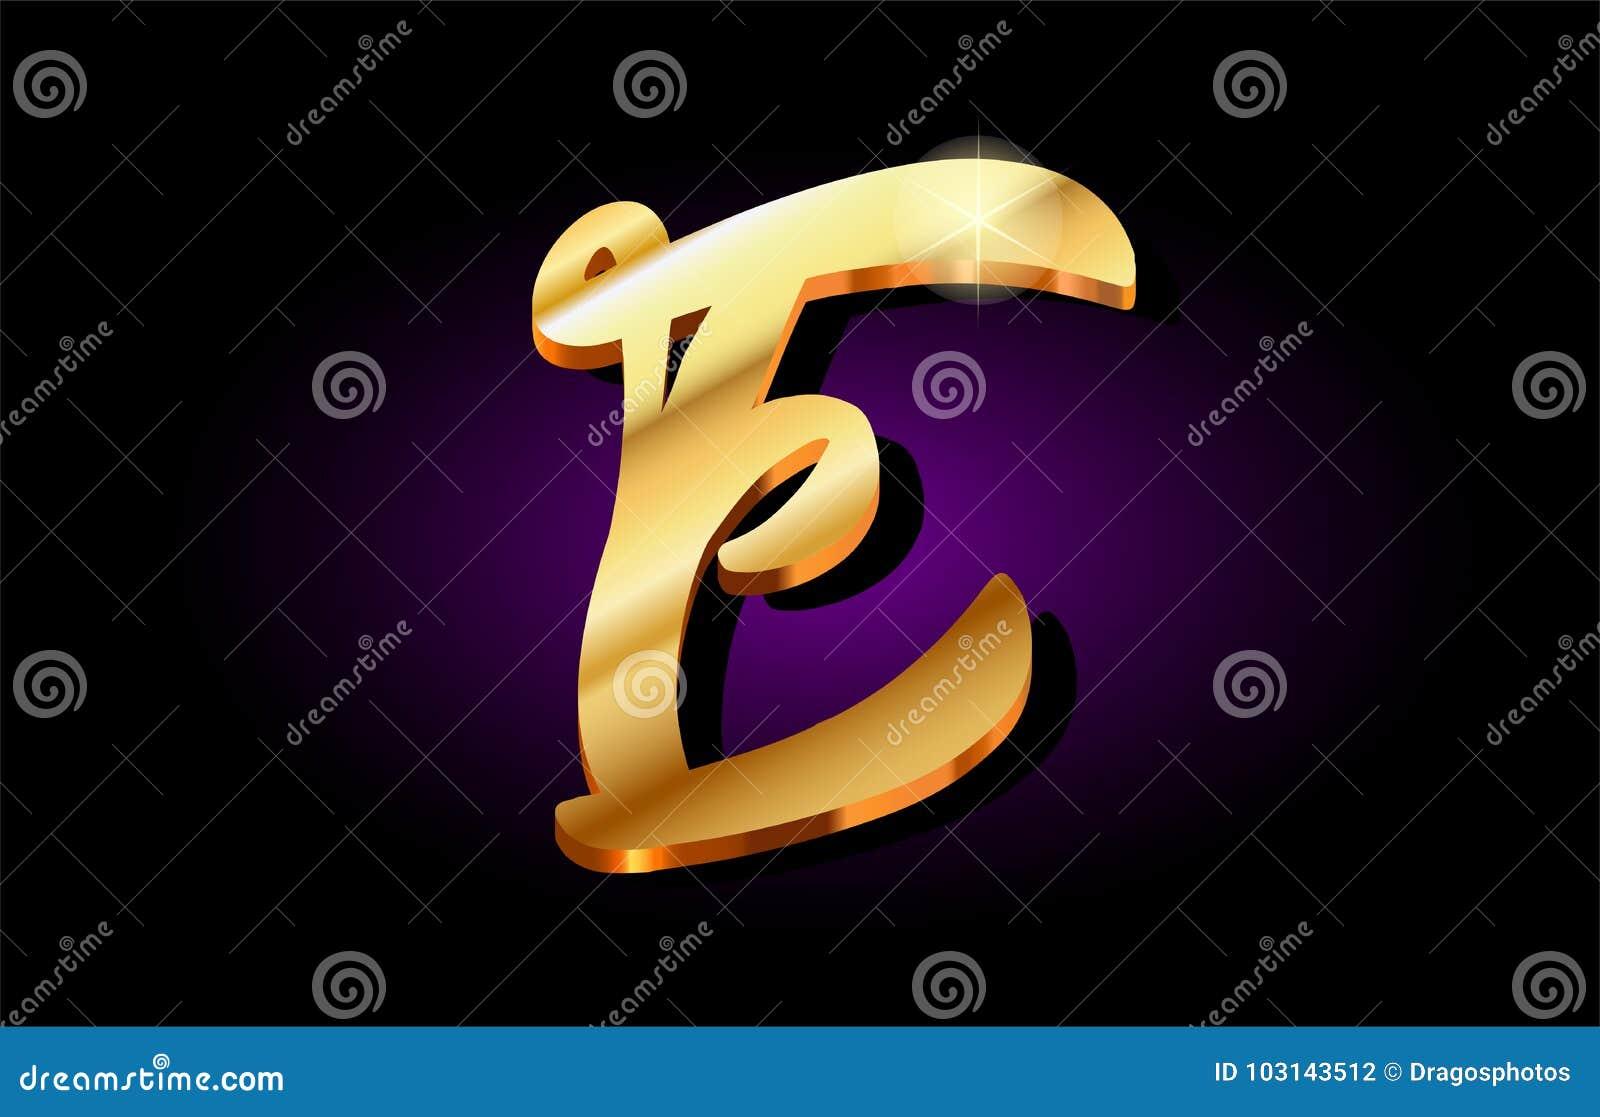 E Alphabet Letter Golden 3d Logo Icon Design Stock Illustration